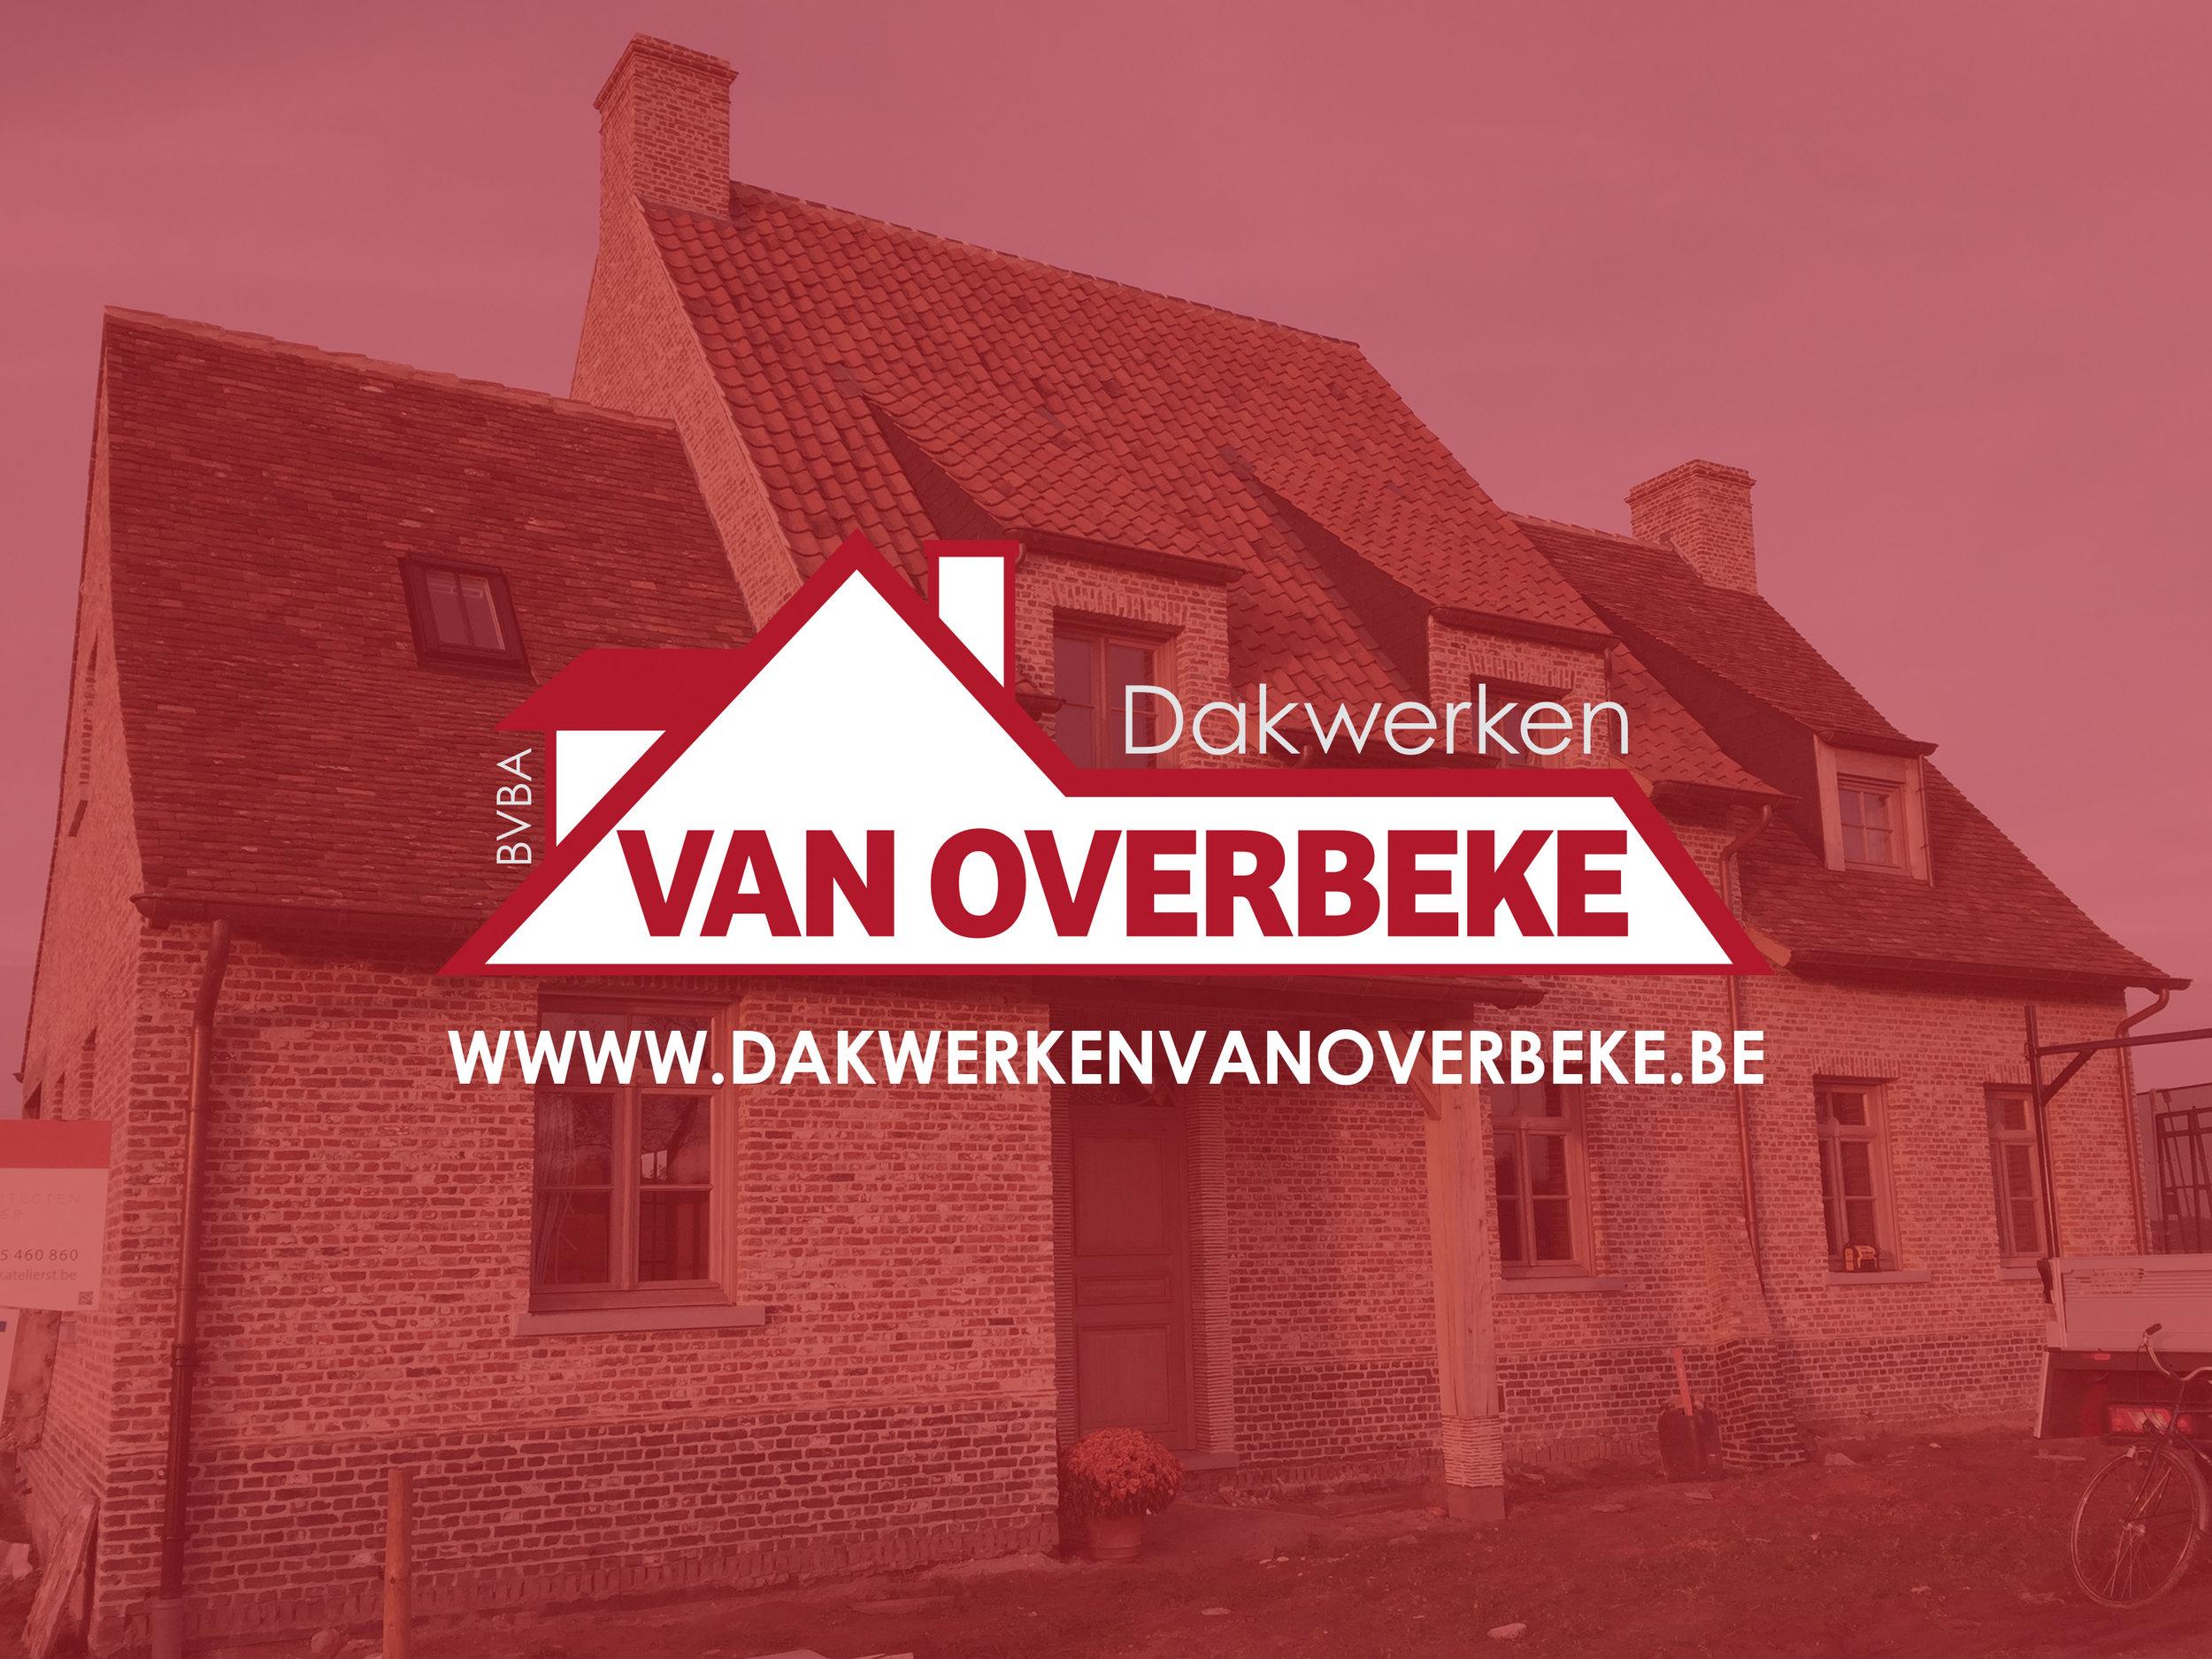 og_vanoverbeke2 (002).jpg